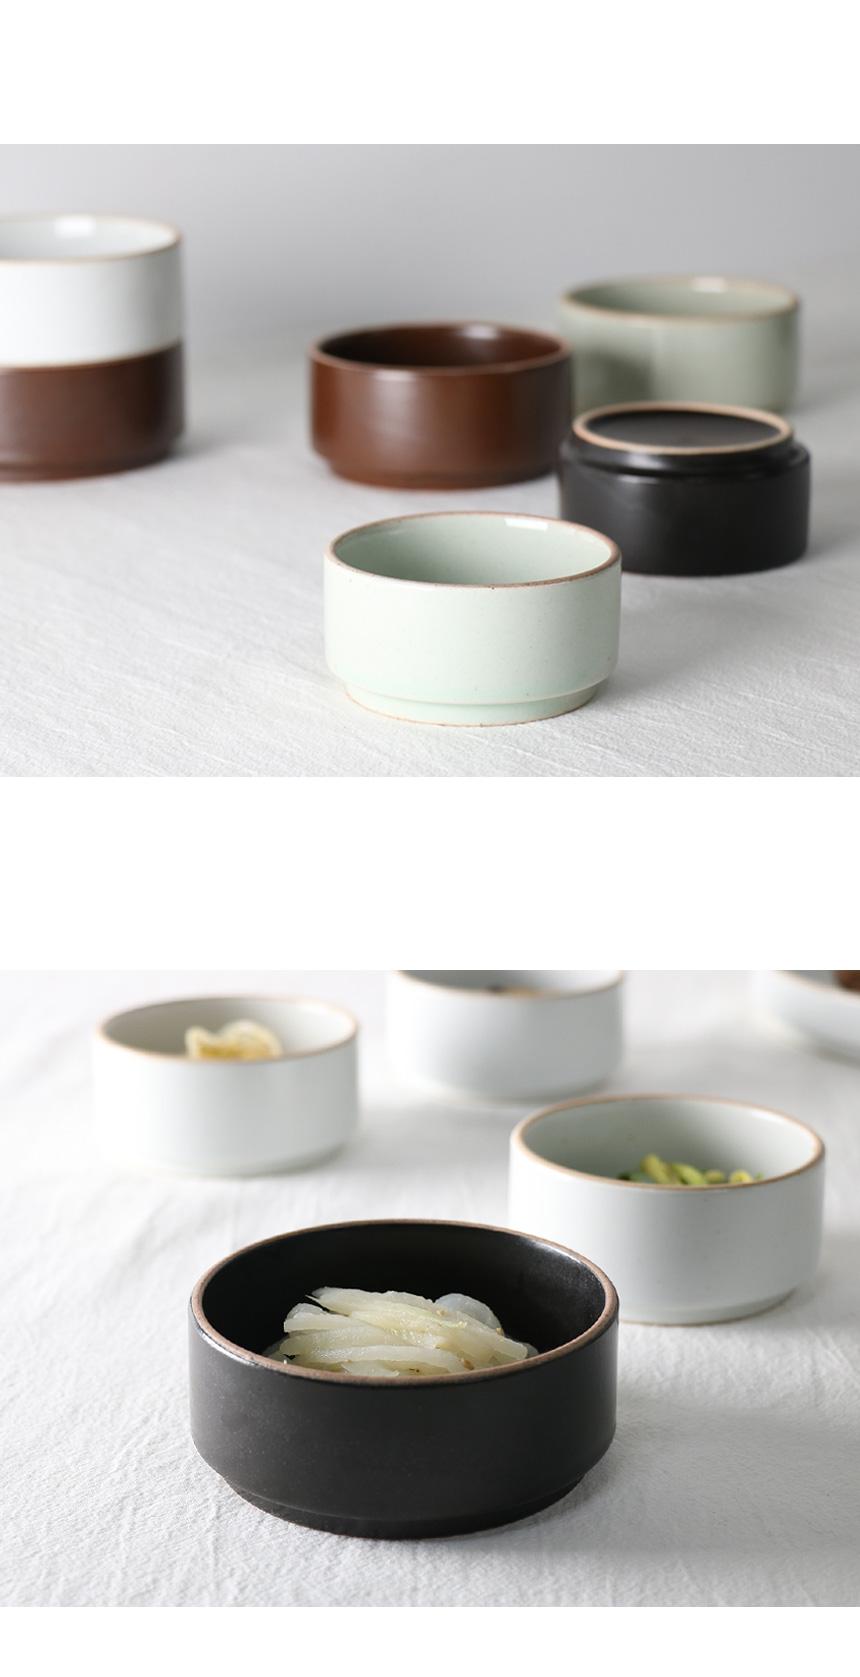 소아 소스그릇세트 4color 4p - 키친몰링, 21,200원, 접시/찬기, 찬기